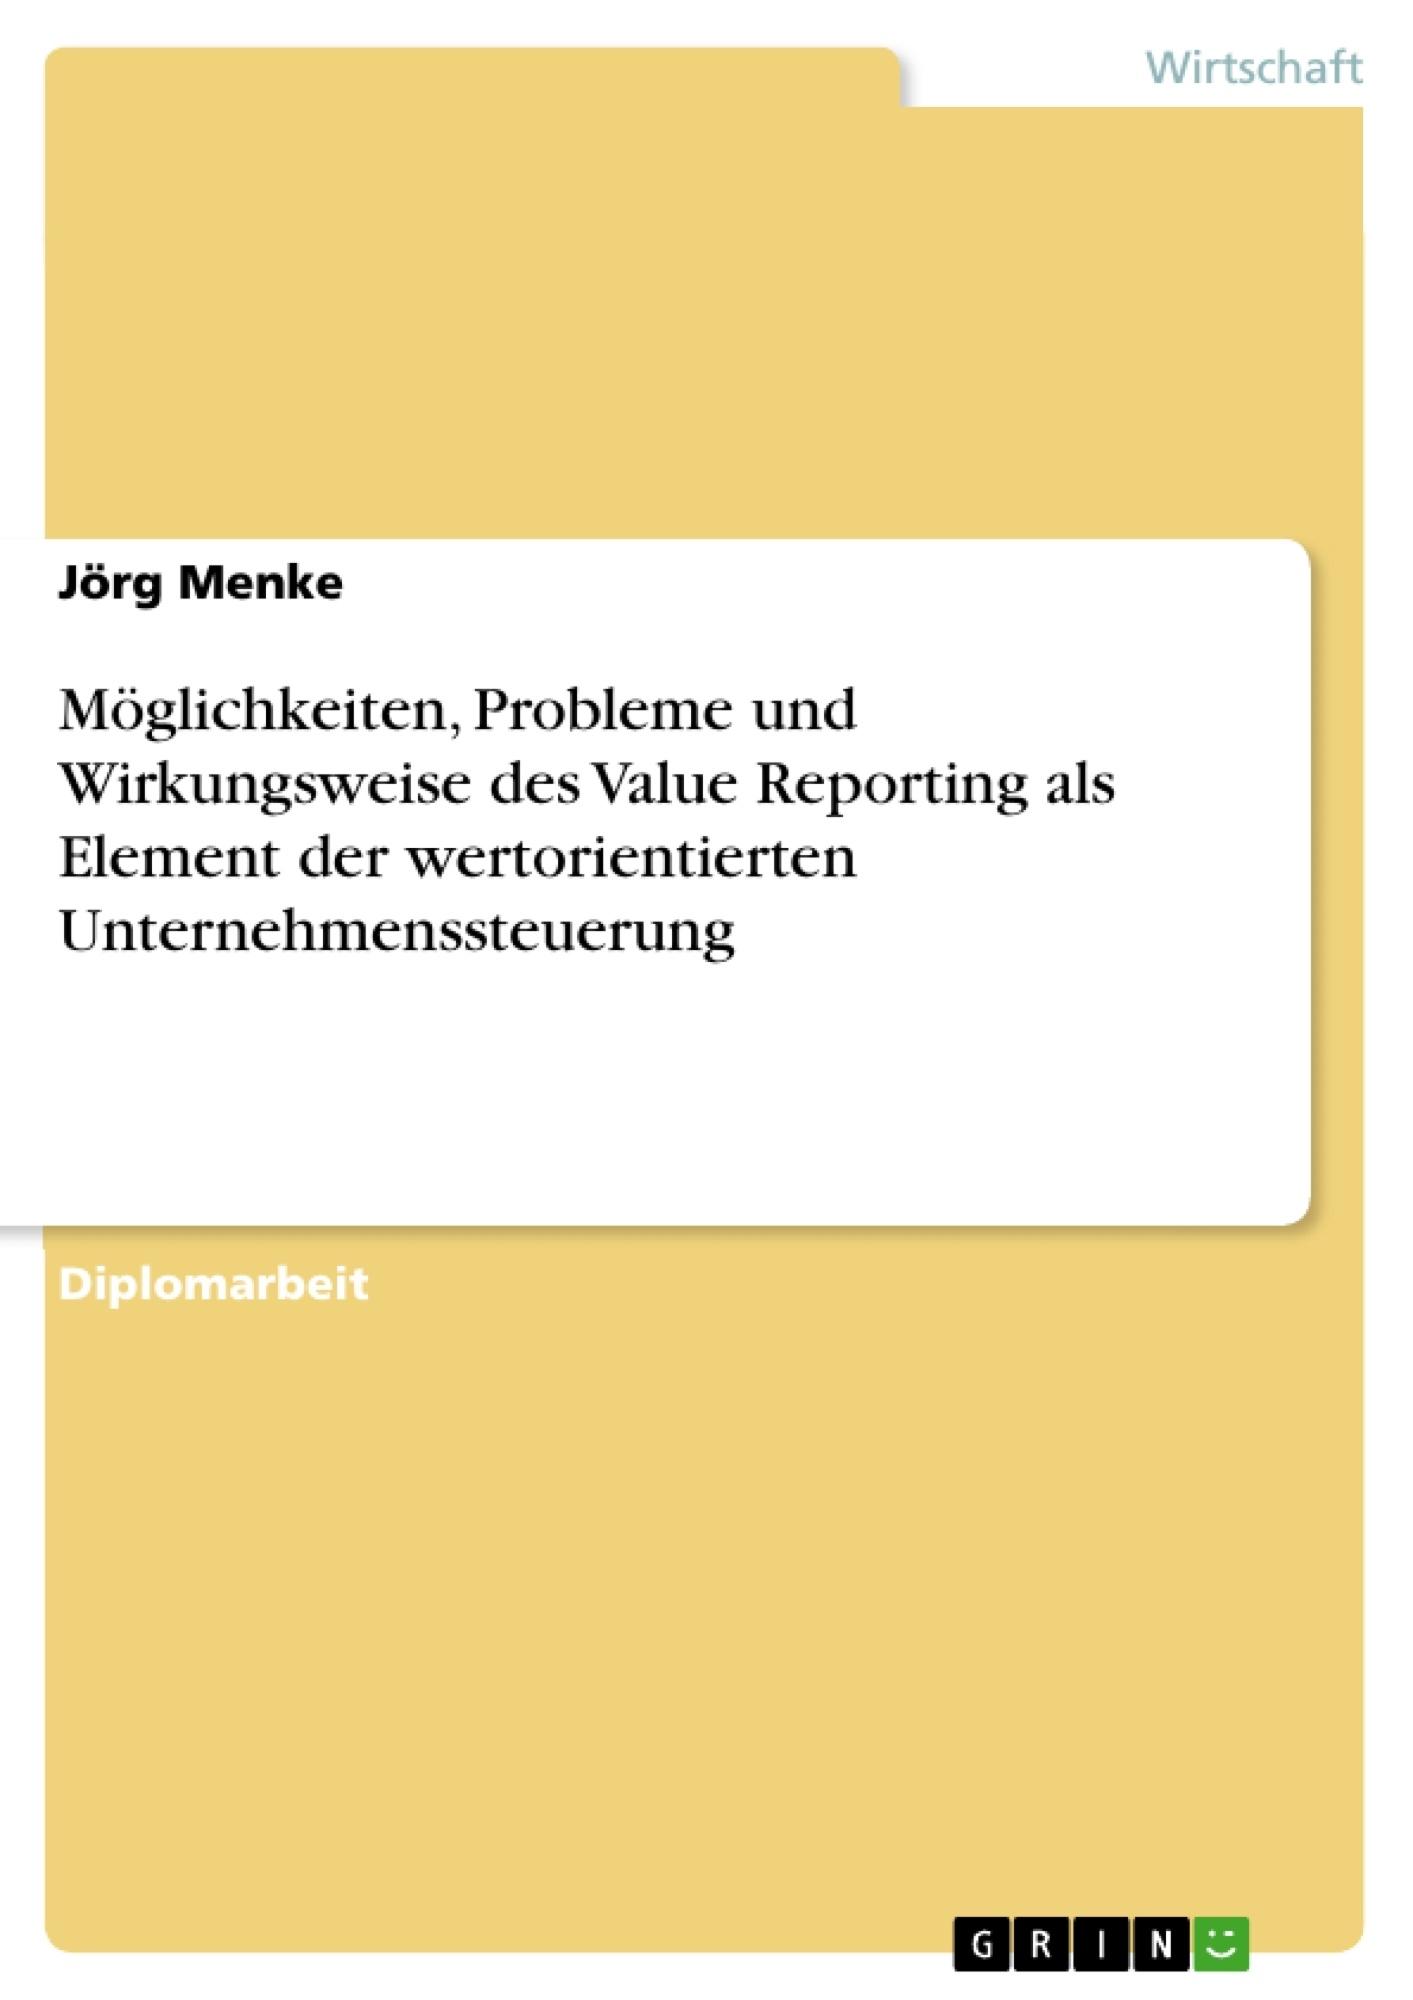 Titel: Möglichkeiten, Probleme und Wirkungsweise des Value Reporting als Element der wertorientierten Unternehmenssteuerung